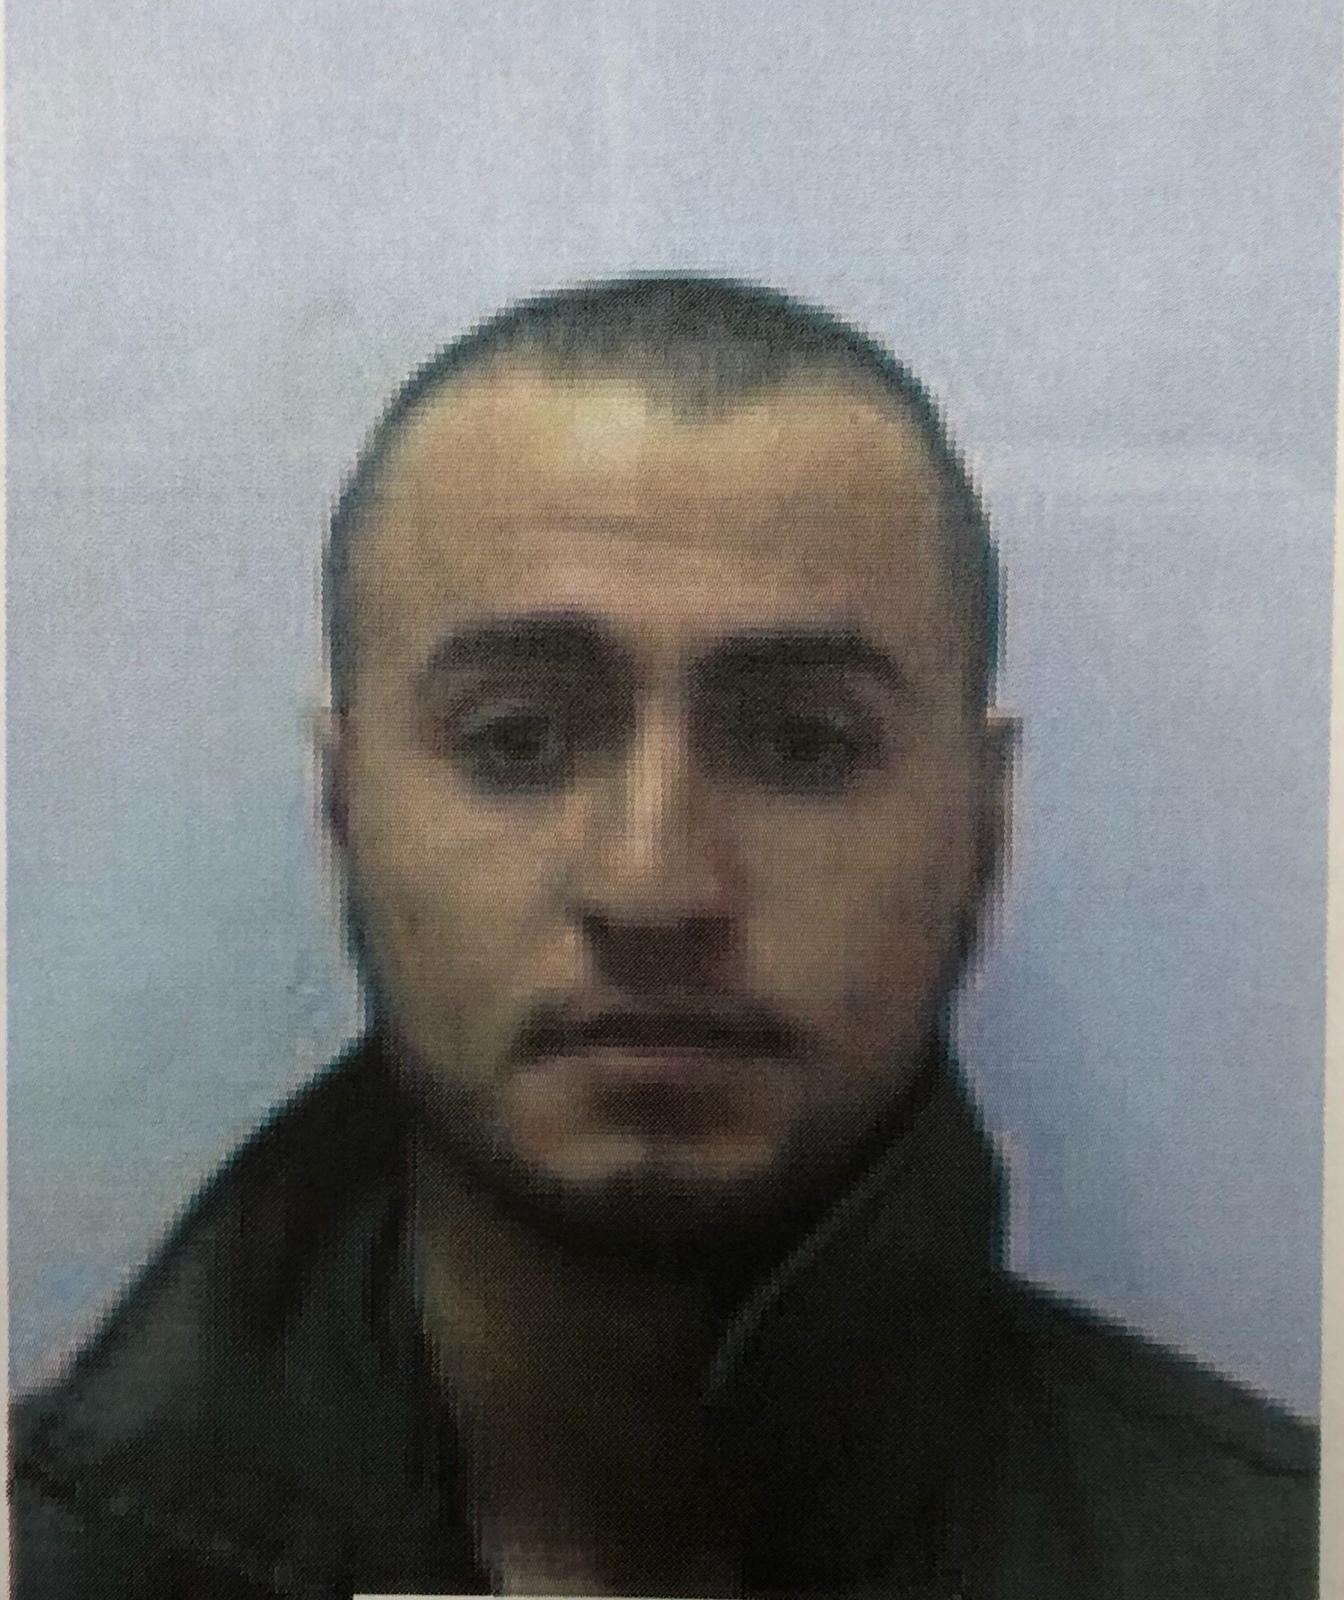 Amin Yuma, miembro de Yihad Islámica acusado de planear el ataque y arrestado en la barca pesquera (Shin Bet)